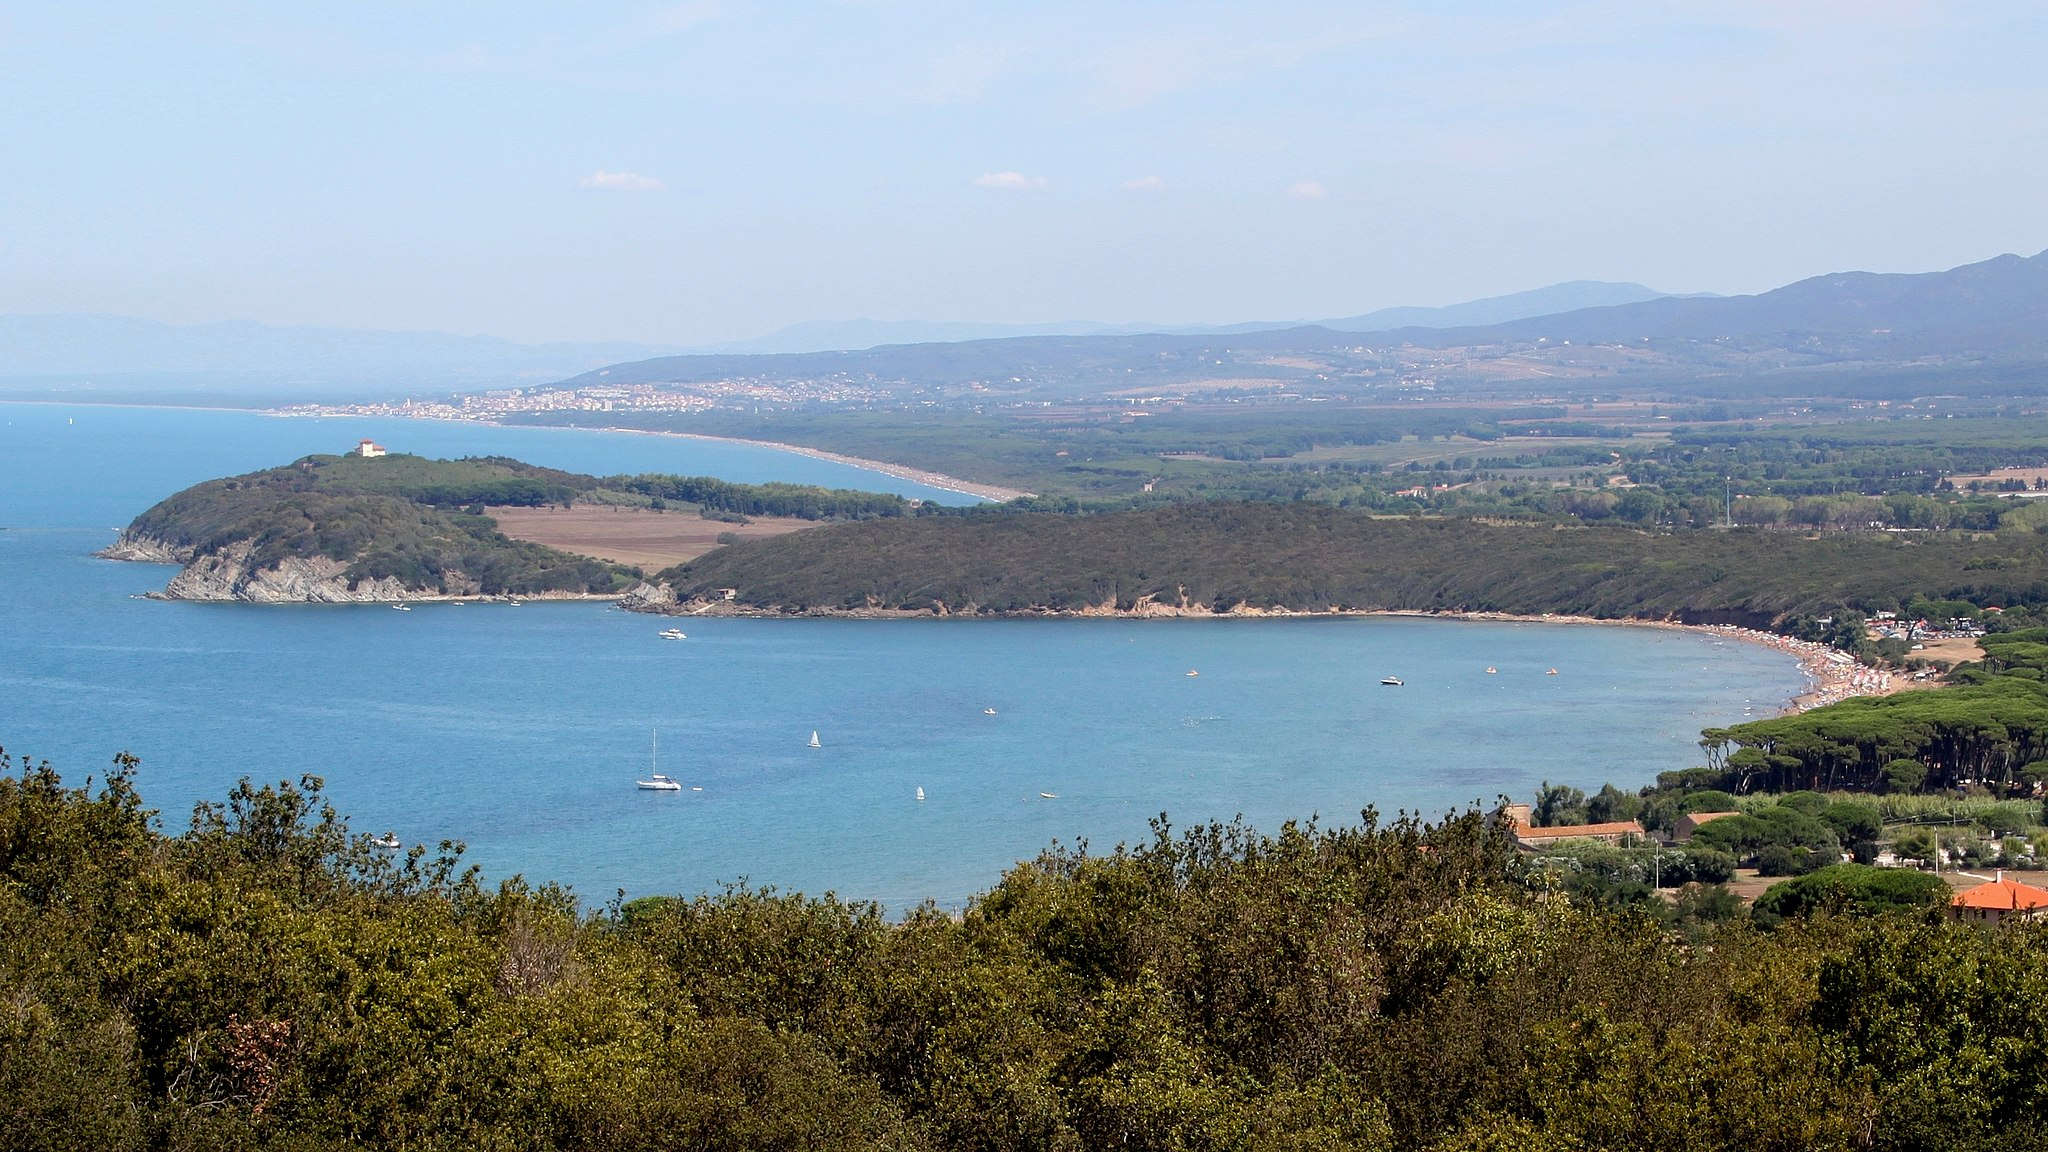 Golfo di Baratti, Costa degli Etruschi